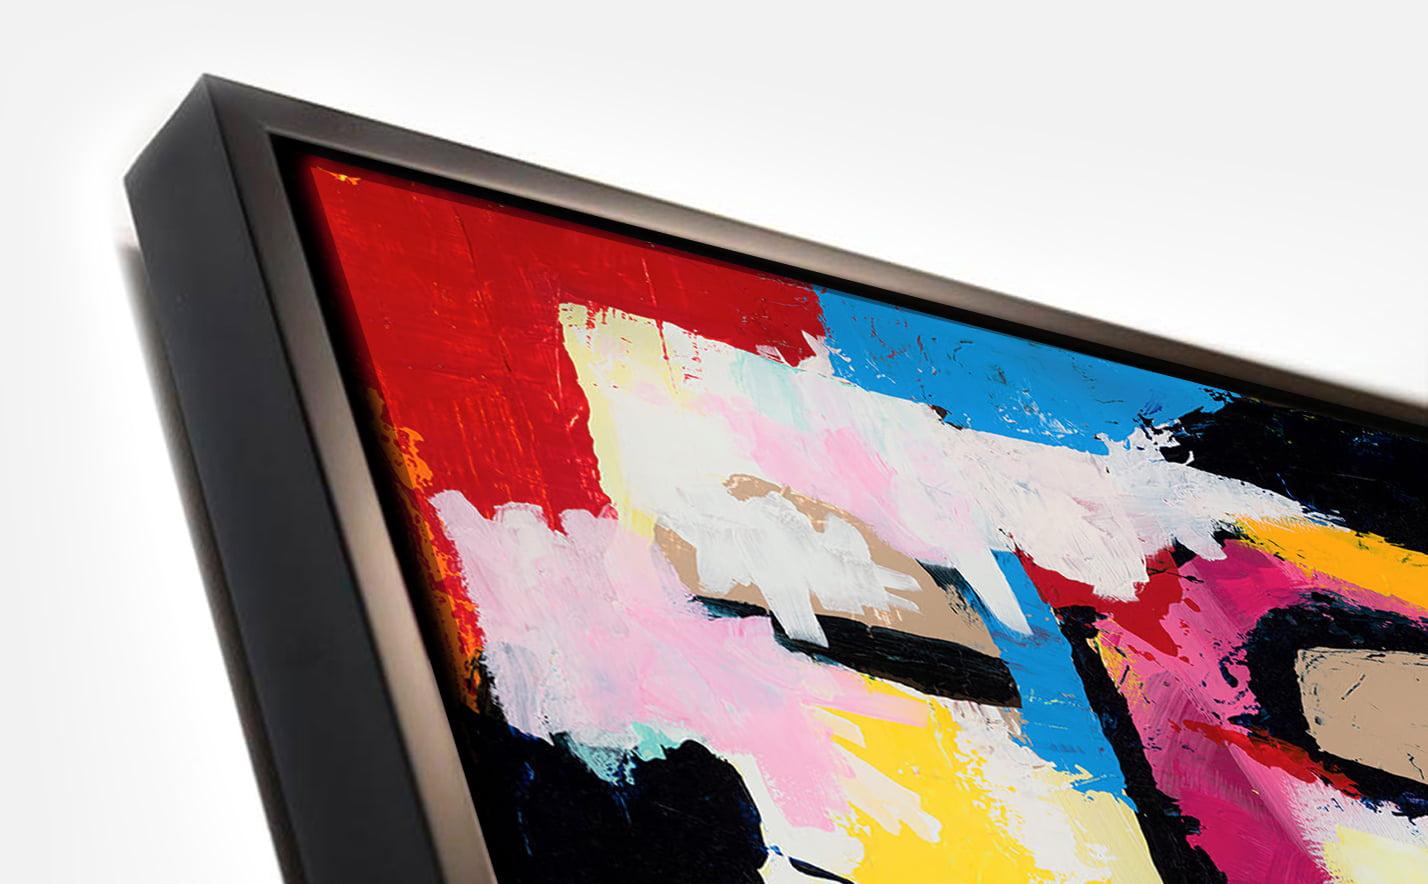 Framed canvas - black frame demo